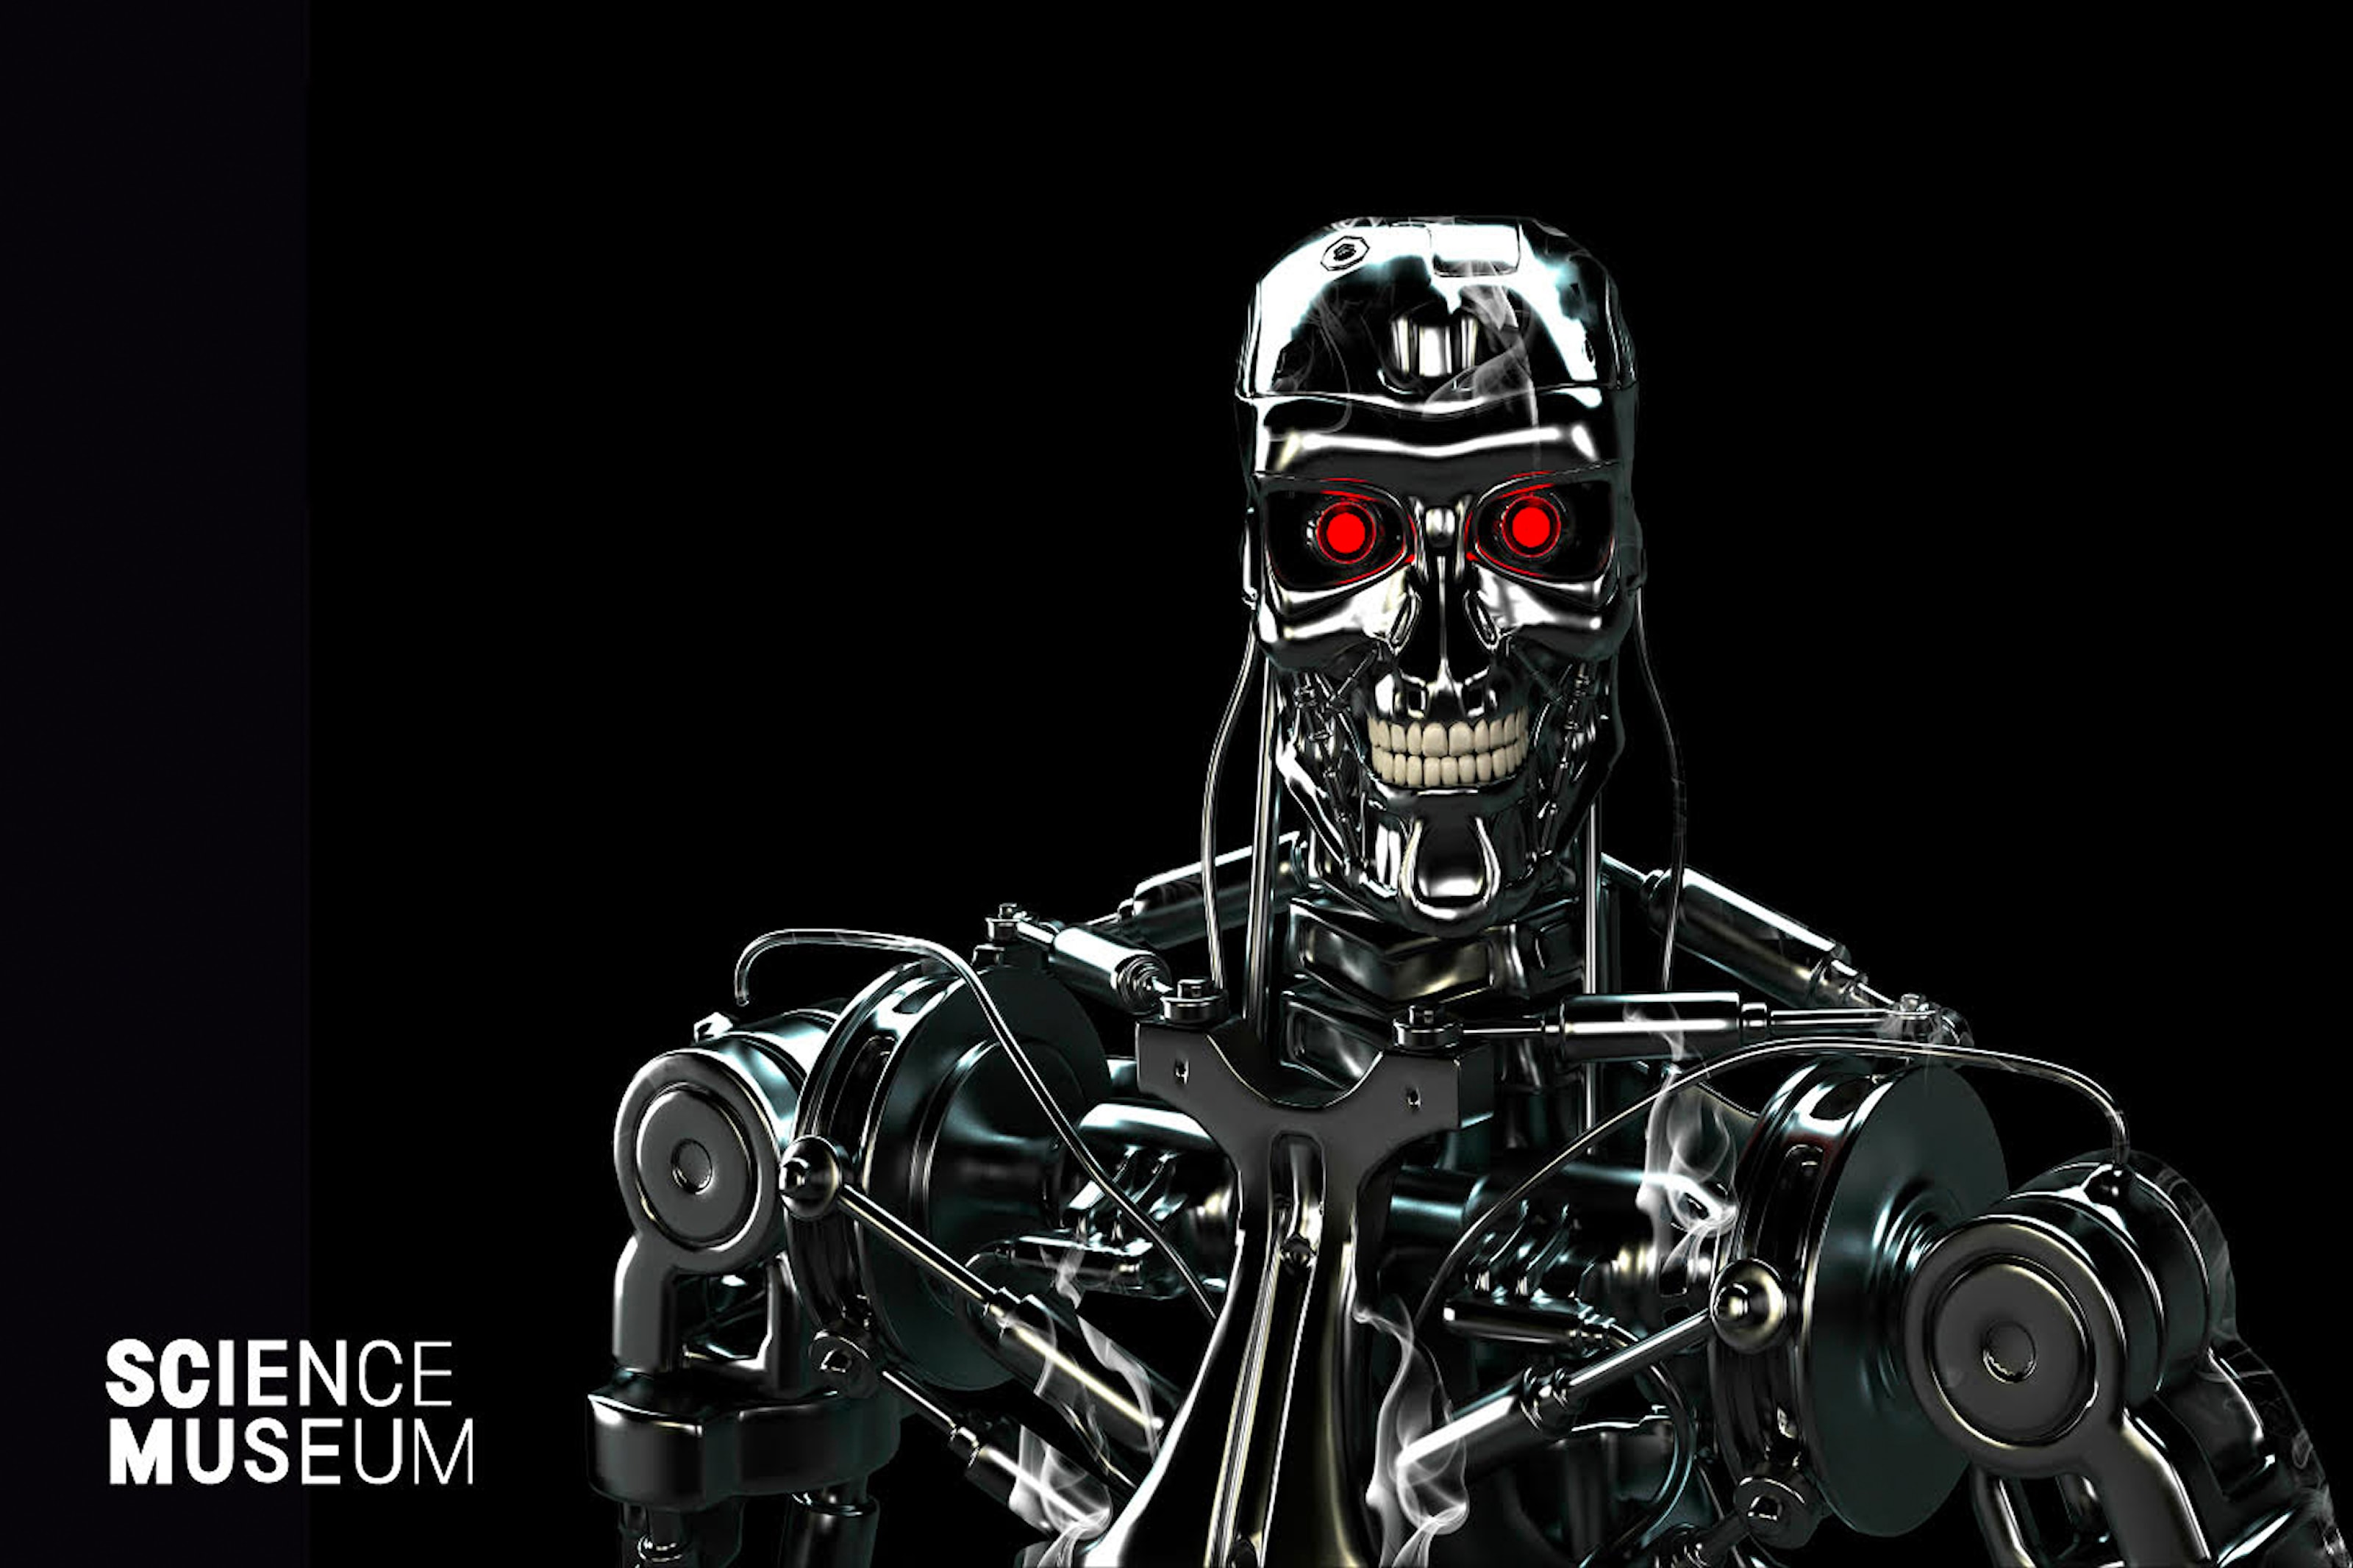 Förköpsbiljetter till Robots på Tekniska museet i september